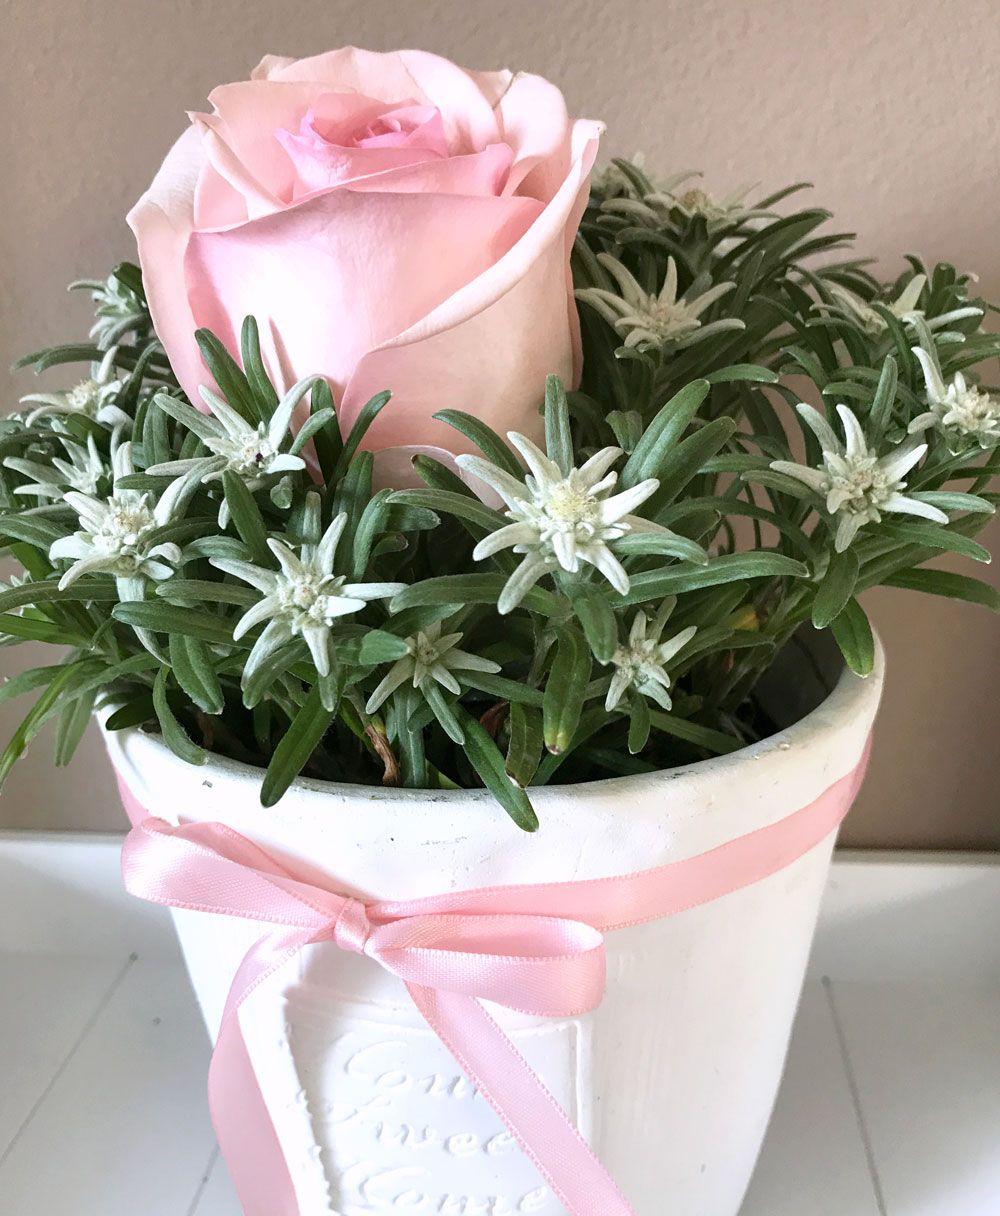 Geschenk & Idee Alpenedelweiss und Rose im schicken Töpfchen